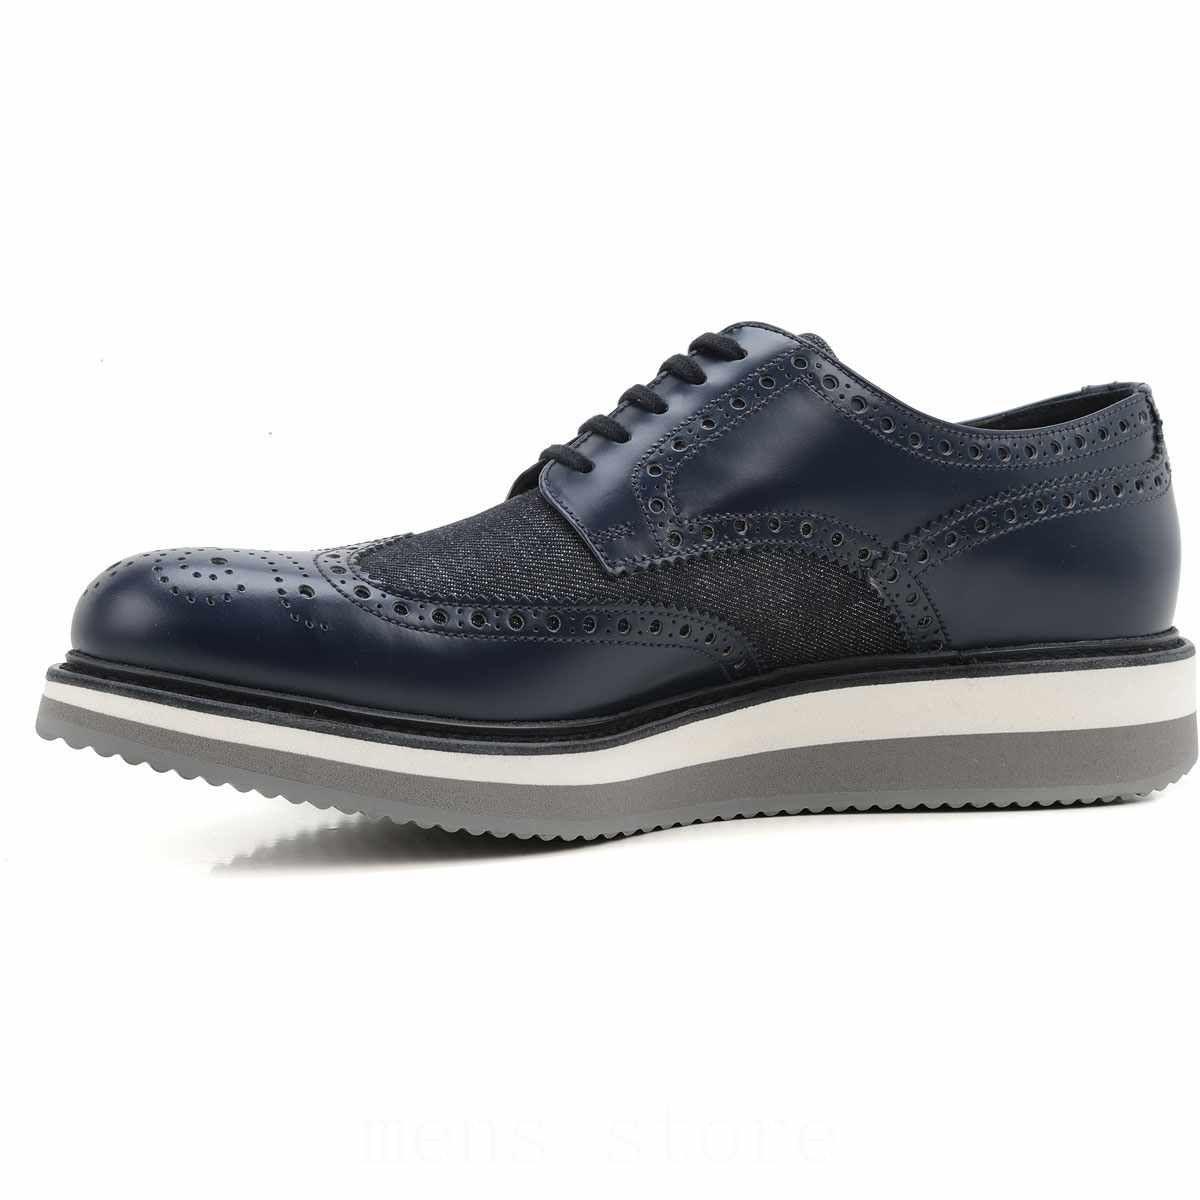 brogues for men | healthy Prada Brogues Blue Denim Shoes for Men, High  Quaity